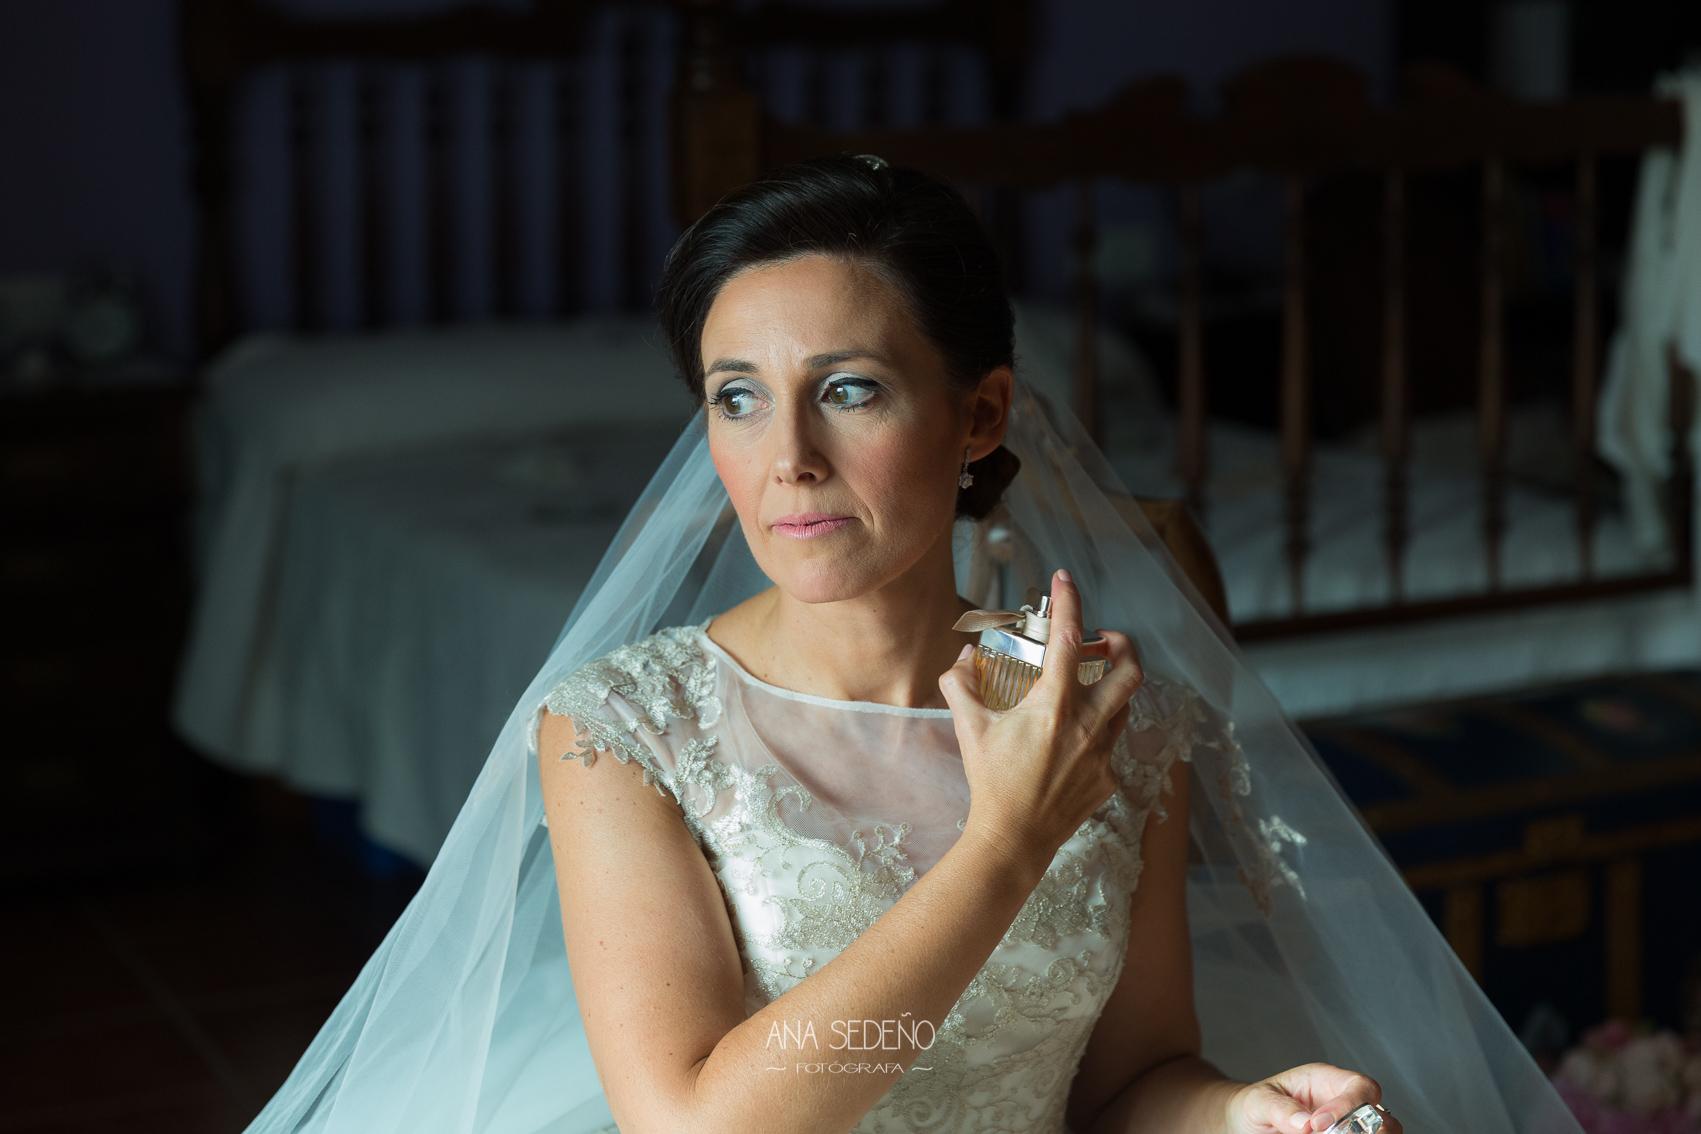 Ana Sedeño Fotografa.-Boda-0372